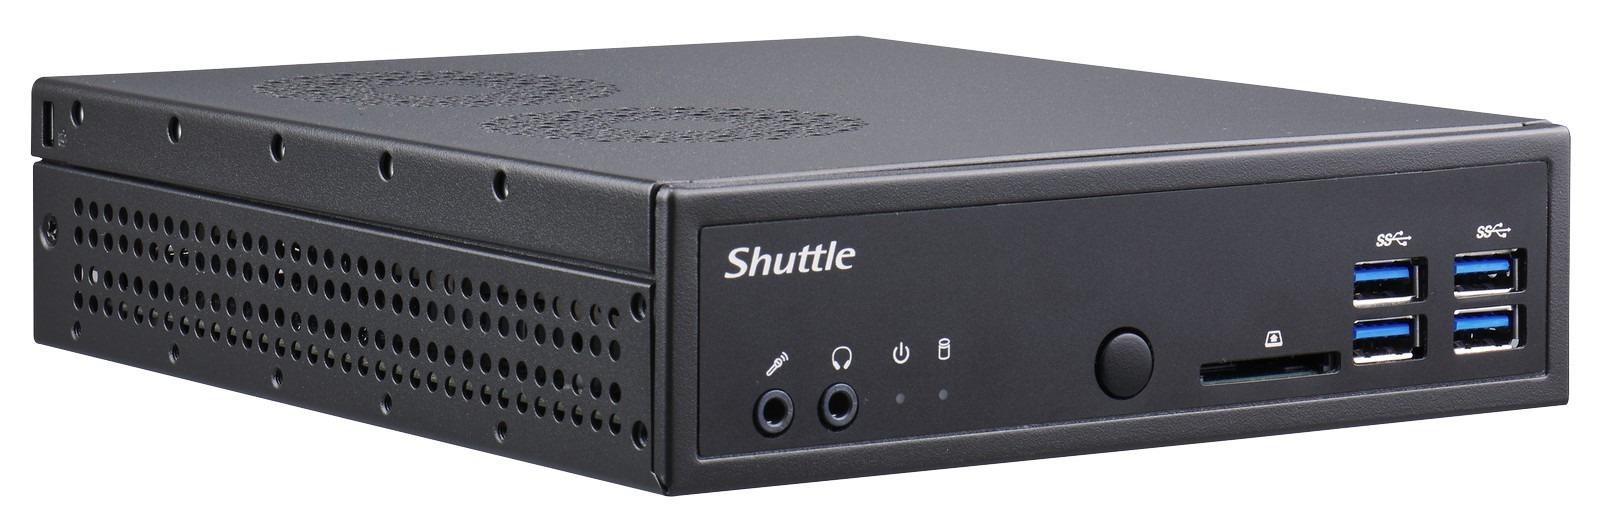 Shuttle y AMD, 8 años después para un barebone con Ryzen